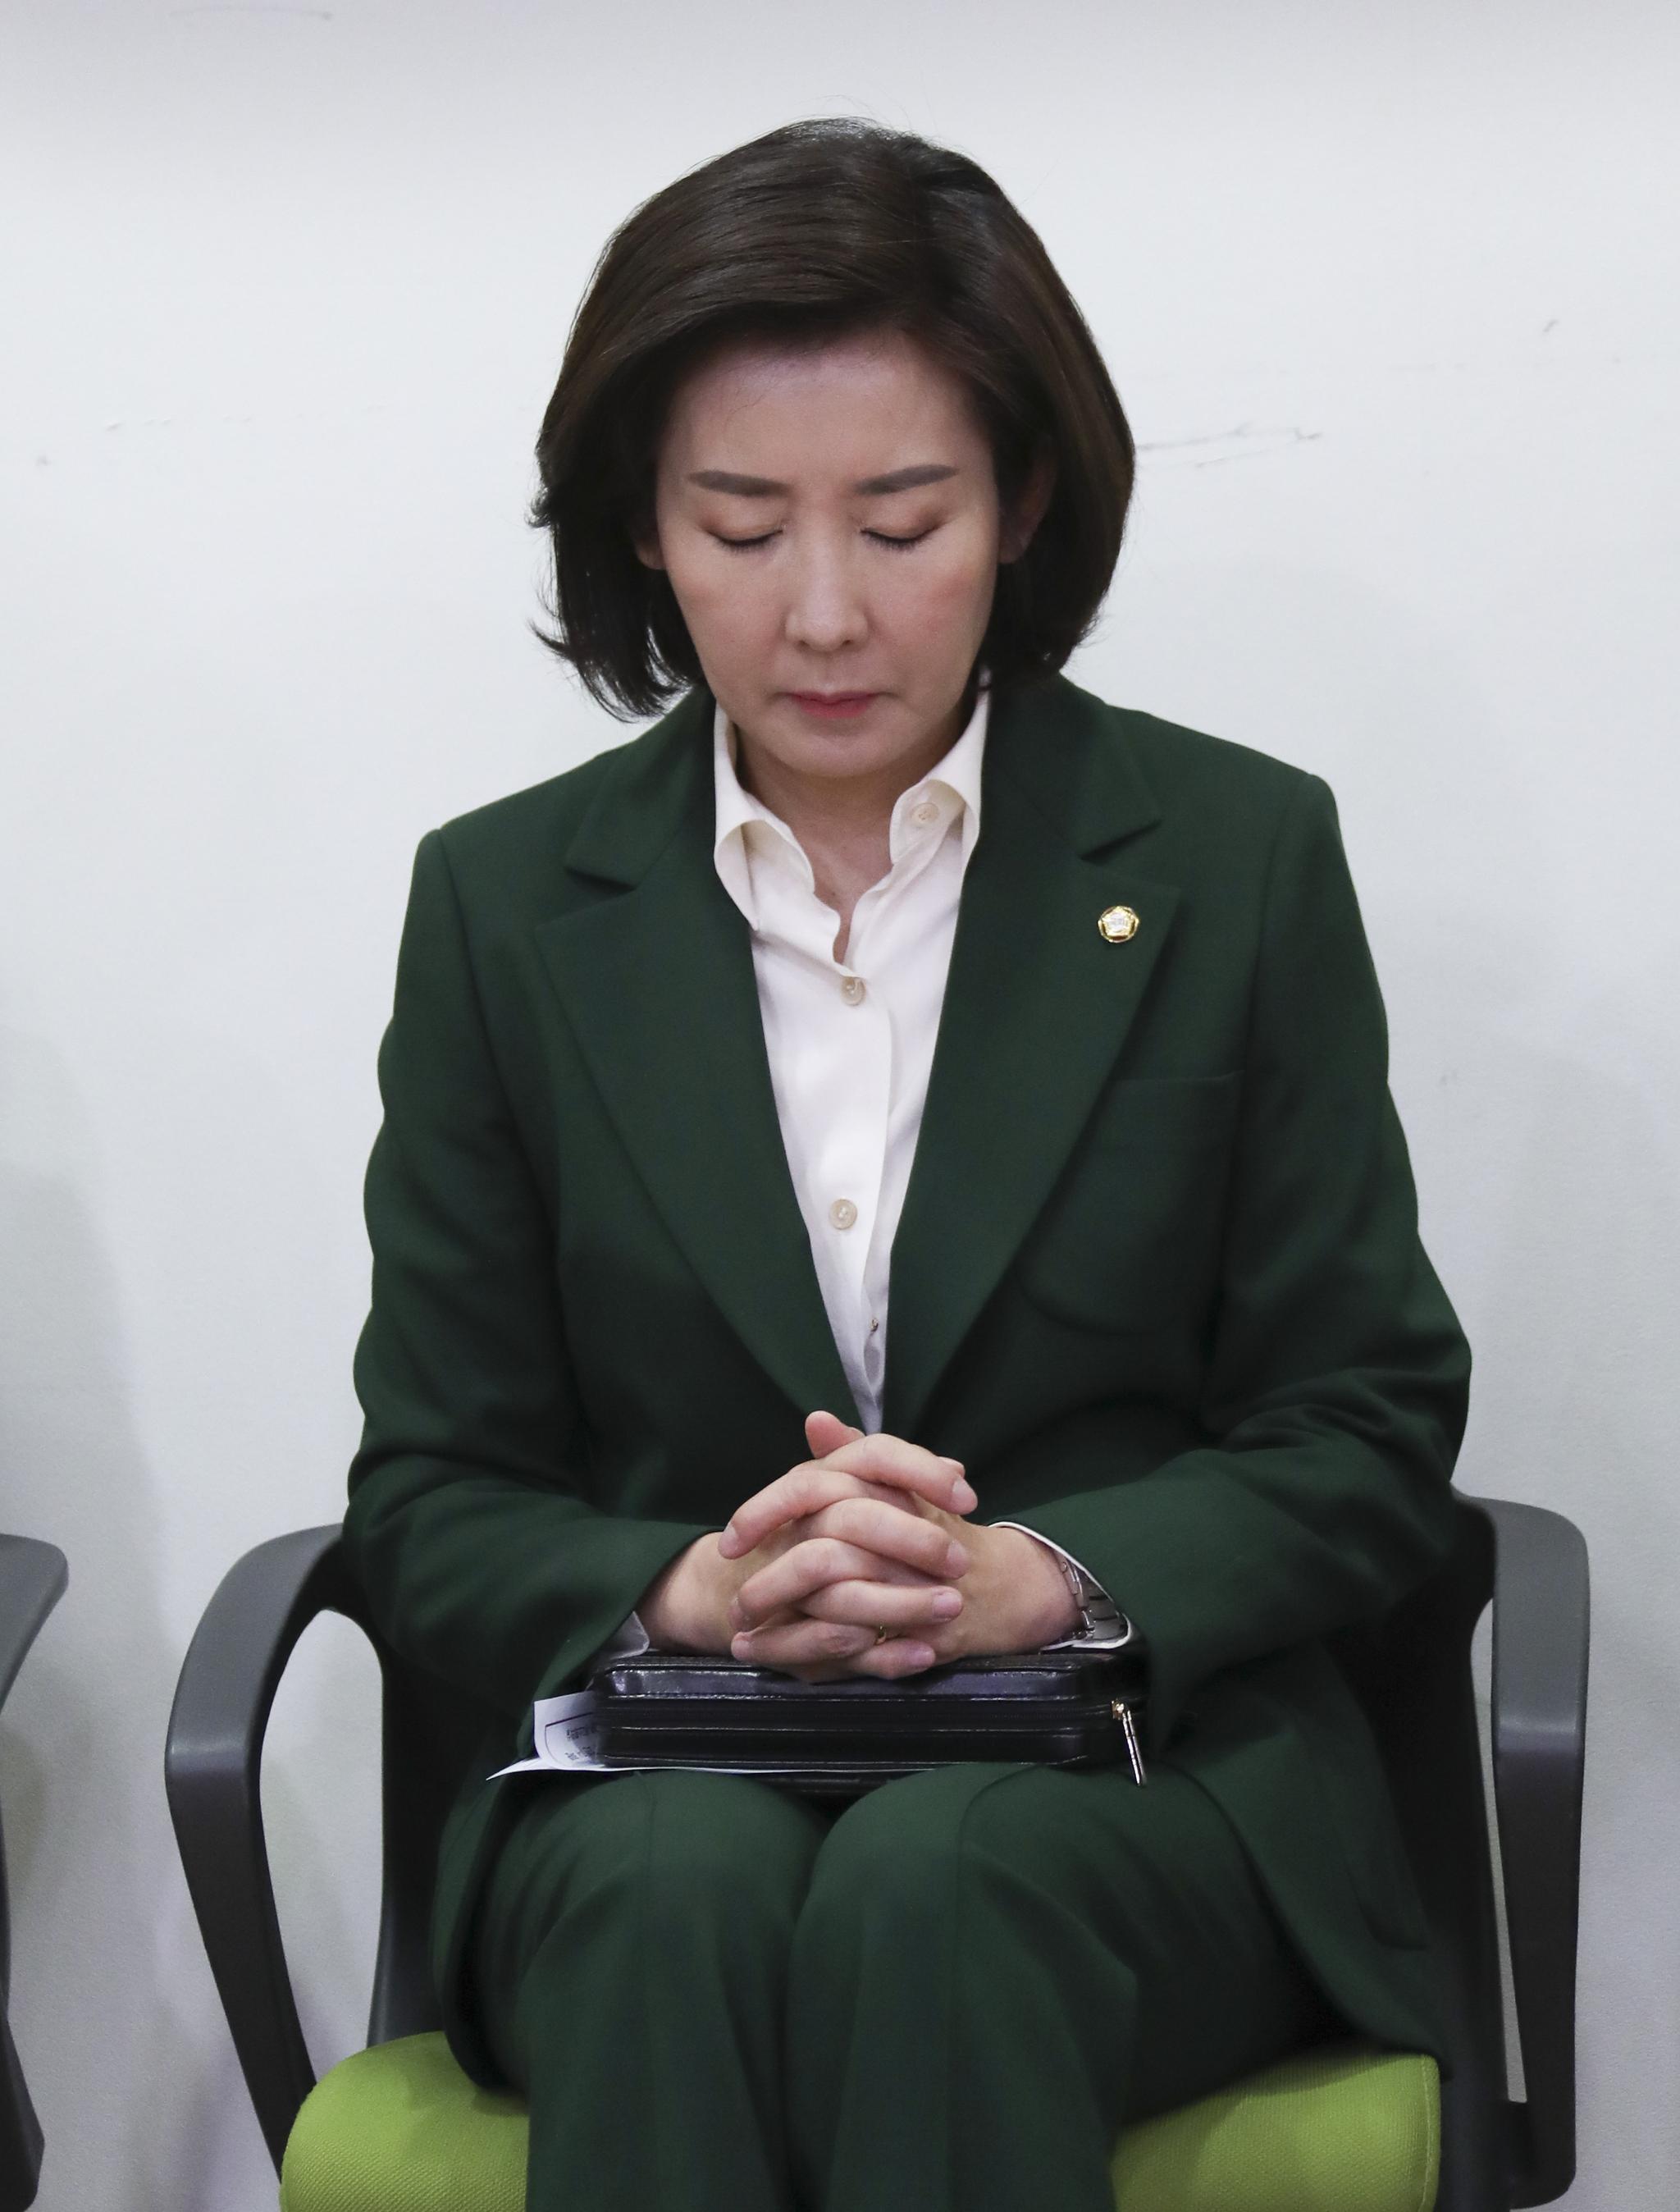 나경원 원내대표가 기도하고 있다.  임현동 기자